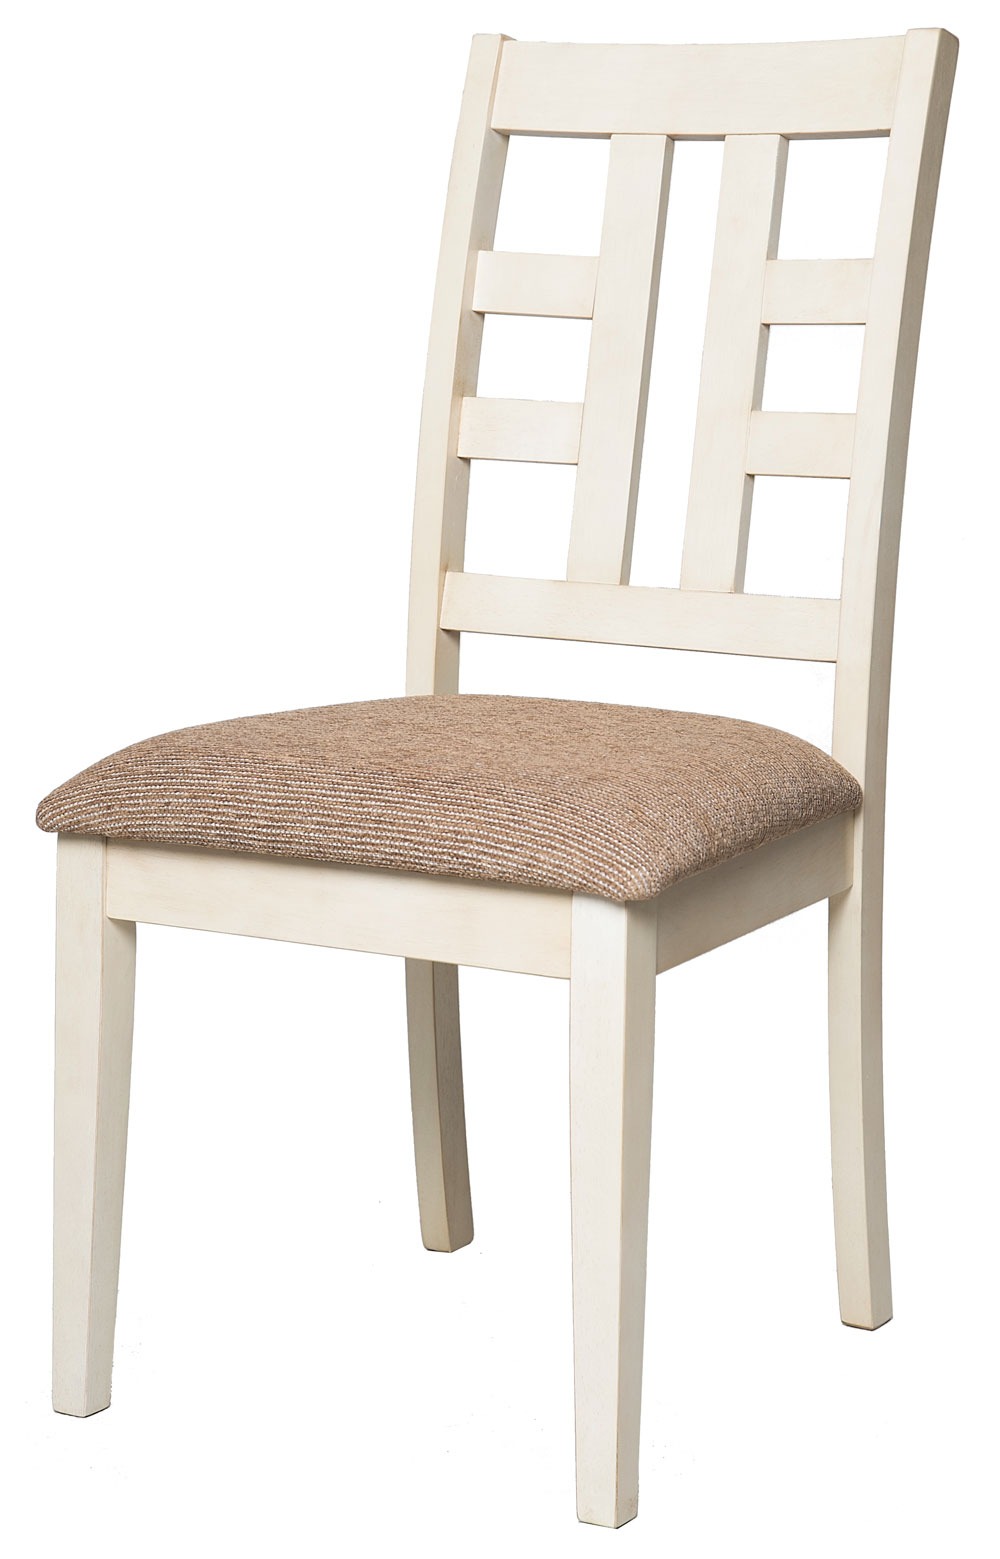 Обеденный стул с мягким сиденьем Nori